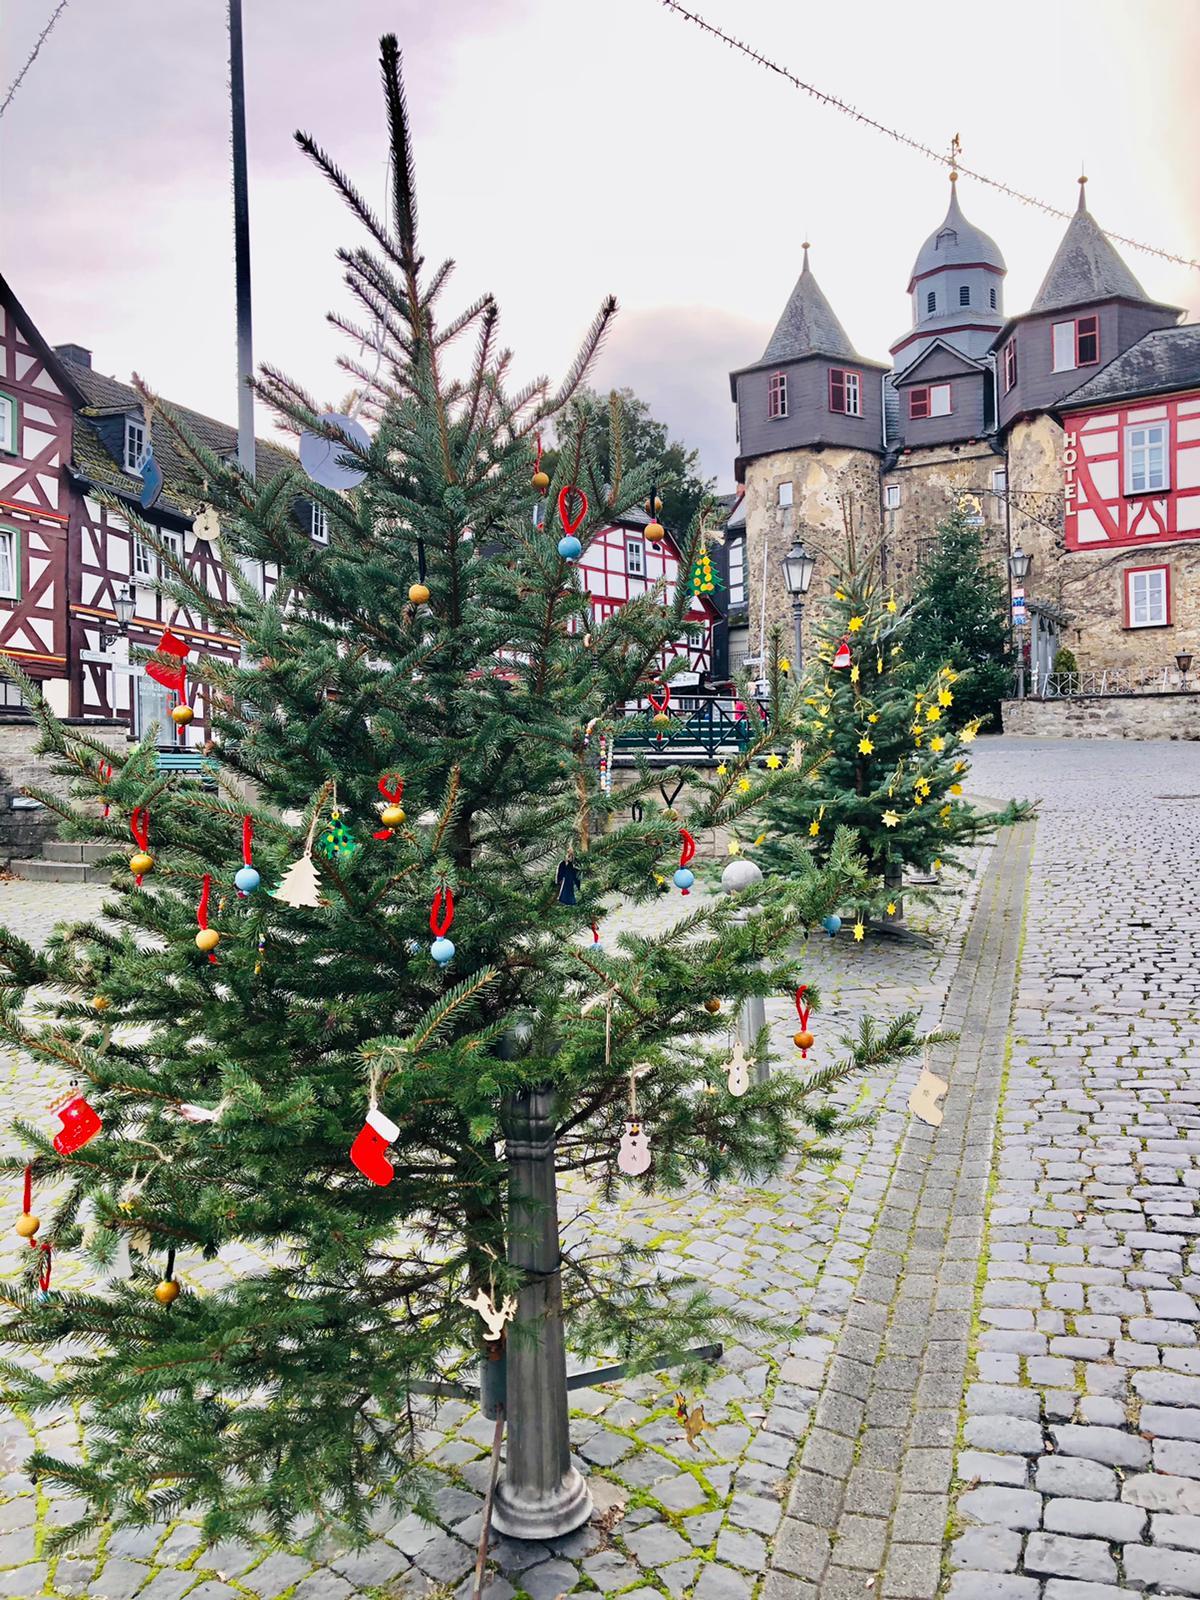 Die von den Kindern der Schlossschule geschmückten Weihnachtsbäume zieren den Braunfelser Marktplatz sowie die beteiligten Geschäfte (c) Braunfelser Kur GmbH